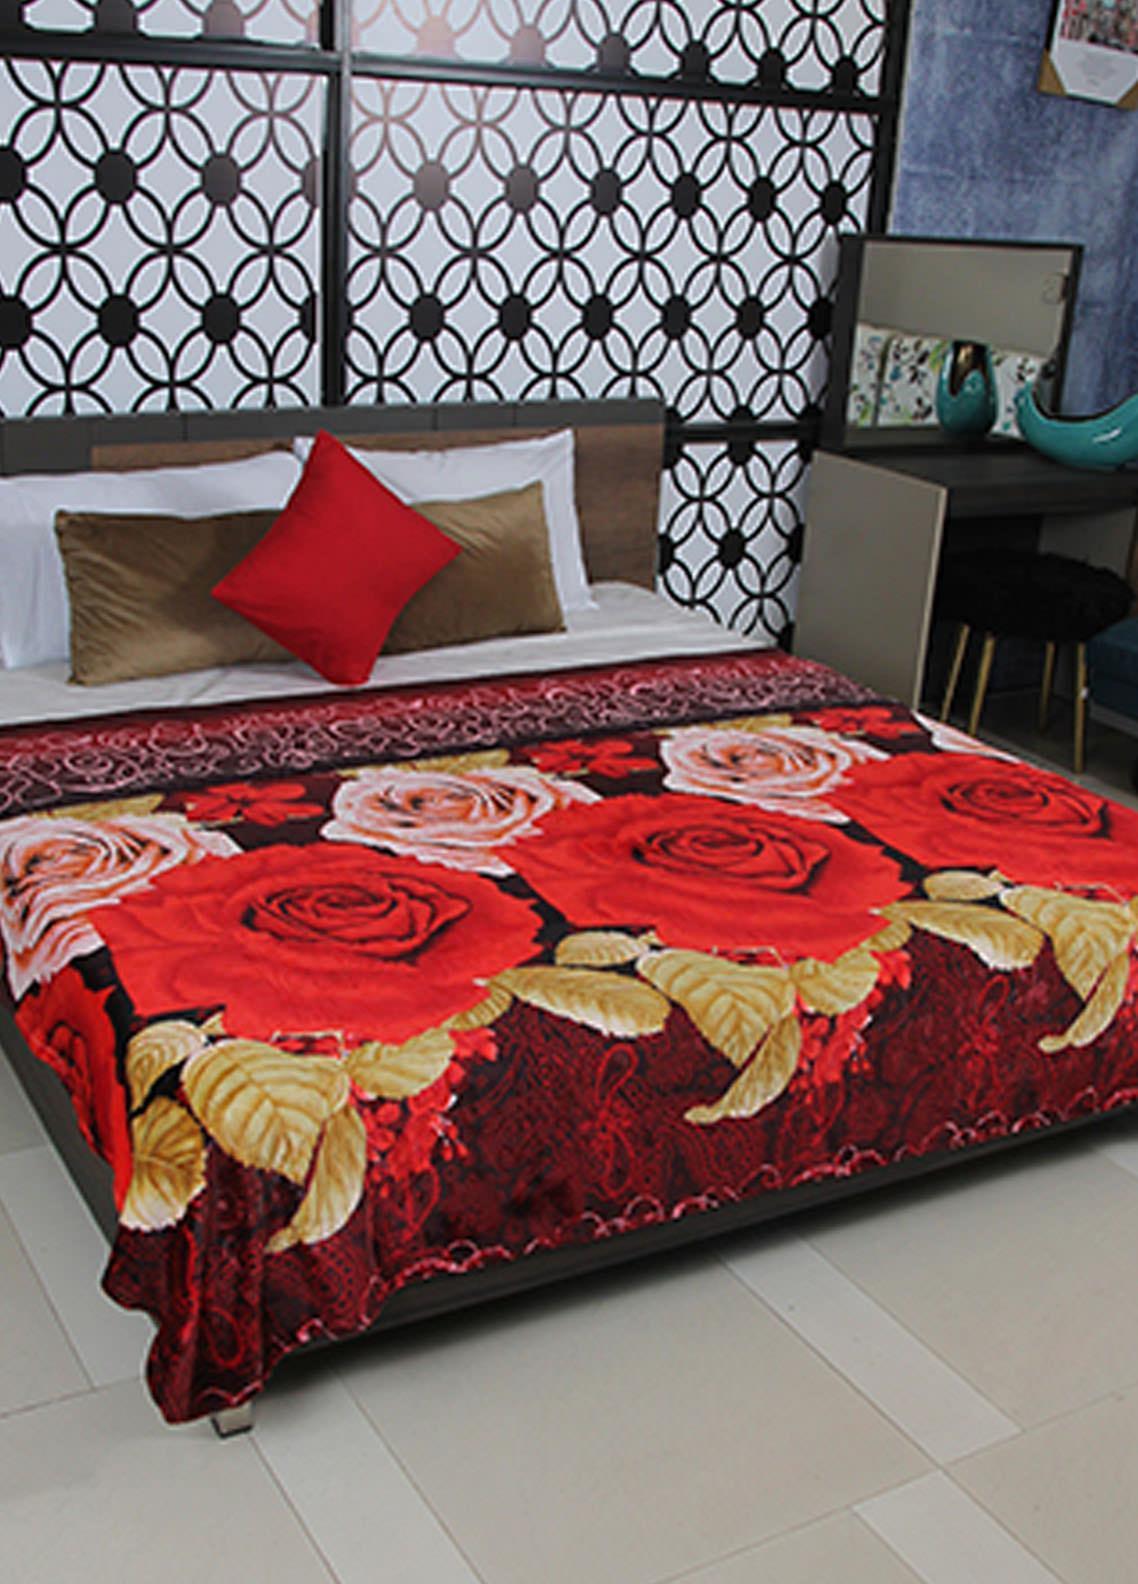 Plush Mink Double Bed Supreme Soft Finish Blankets 2 Ply Supremo-SMV229 - Home & Decor